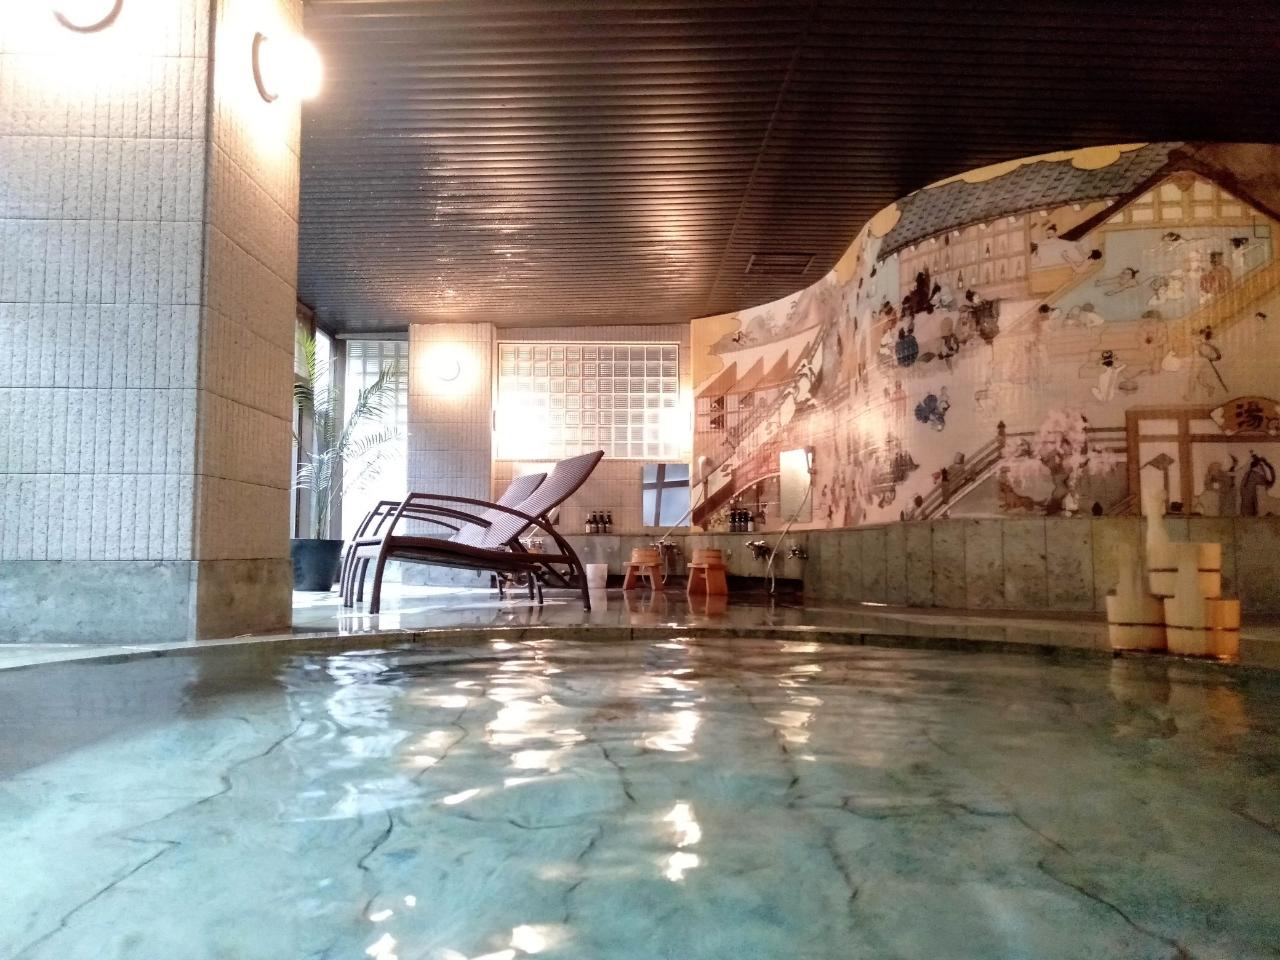 1泊3000円で露天風呂も!箱根の温泉を楽しめるモダン湯治宿に泊まってみた【箱根つたや旅館】